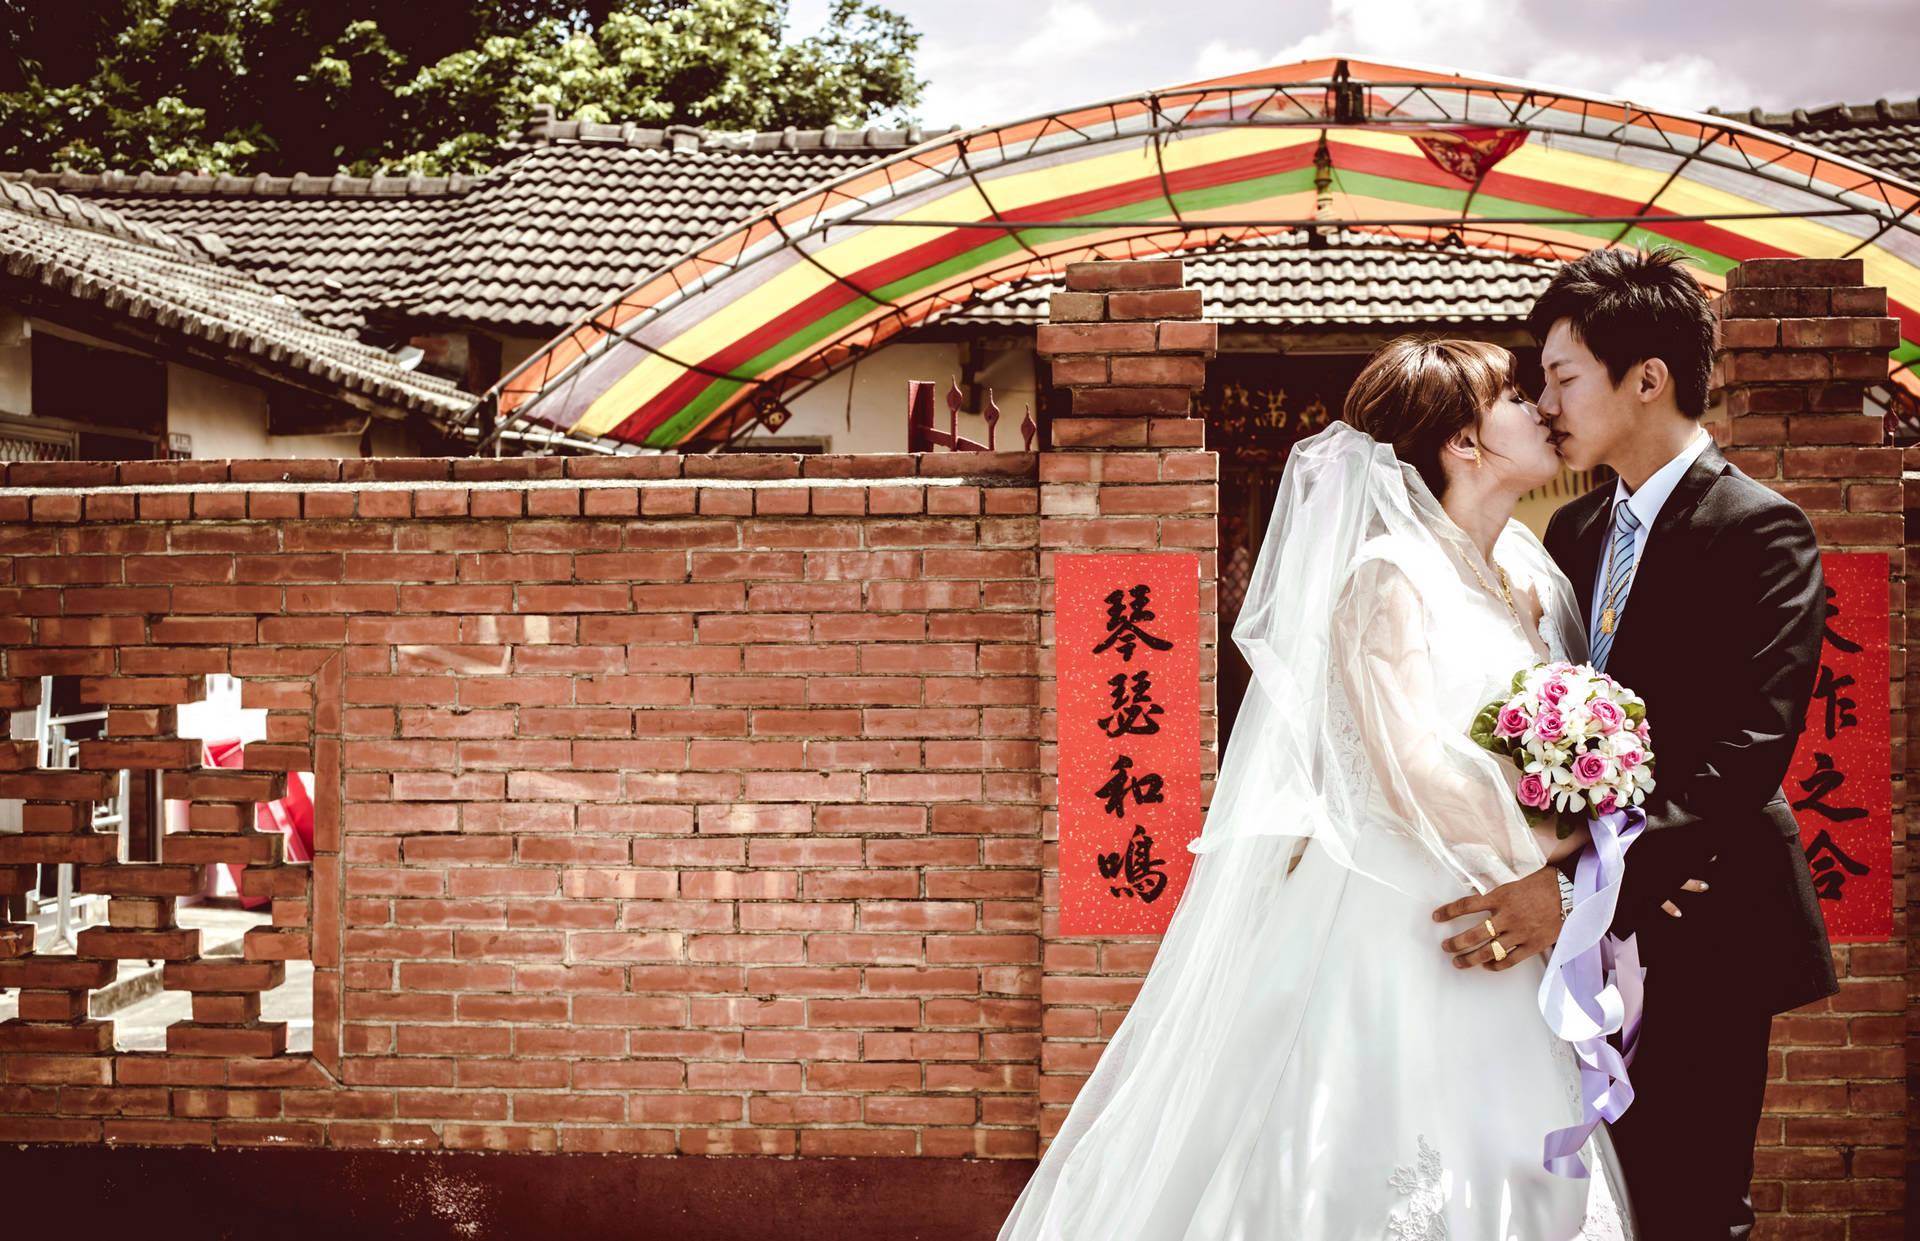 新娘秘書|婚禮攝影|台中長榮桂冠酒店|清水福宴國際創意美食